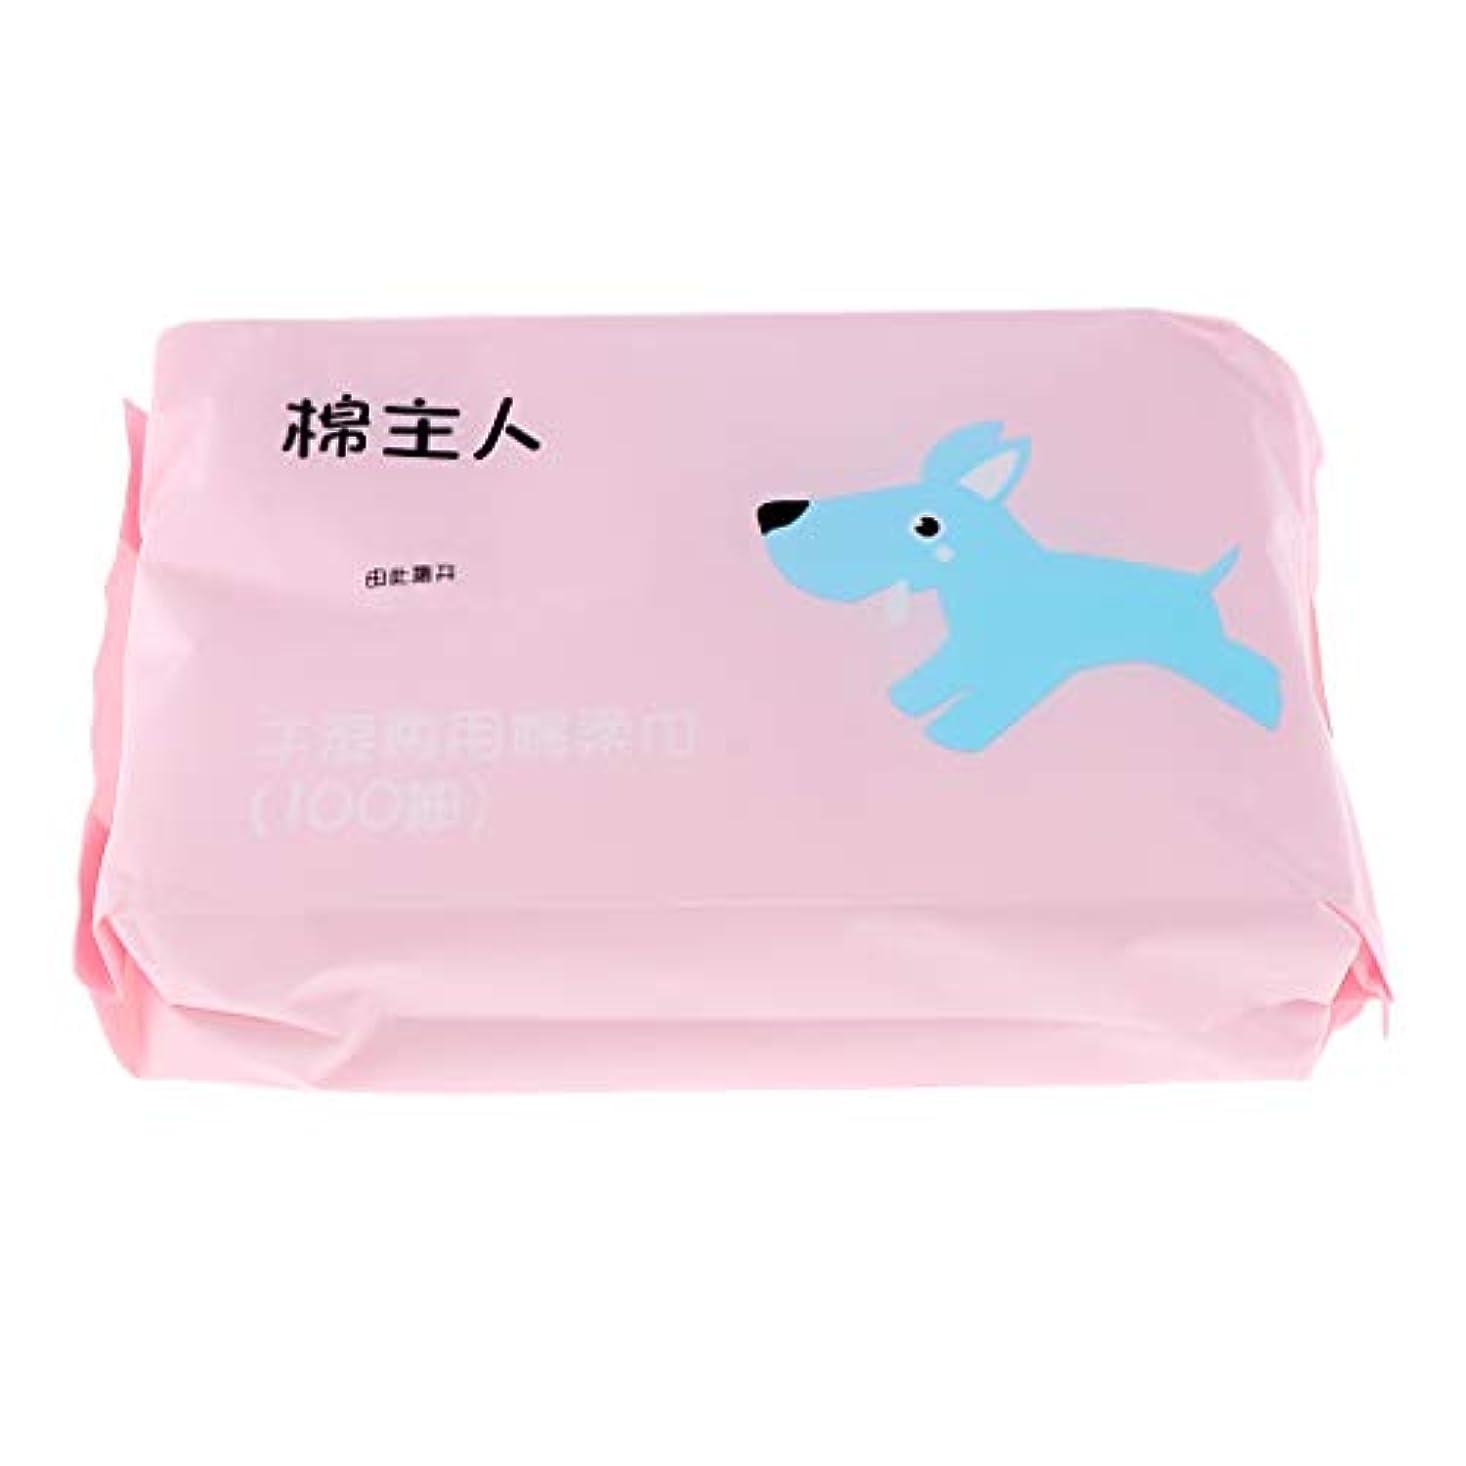 社説共和国六月約100枚 使い捨て クレンジングシート ソフト 便利 スキンケア 2色選べ - ピンク